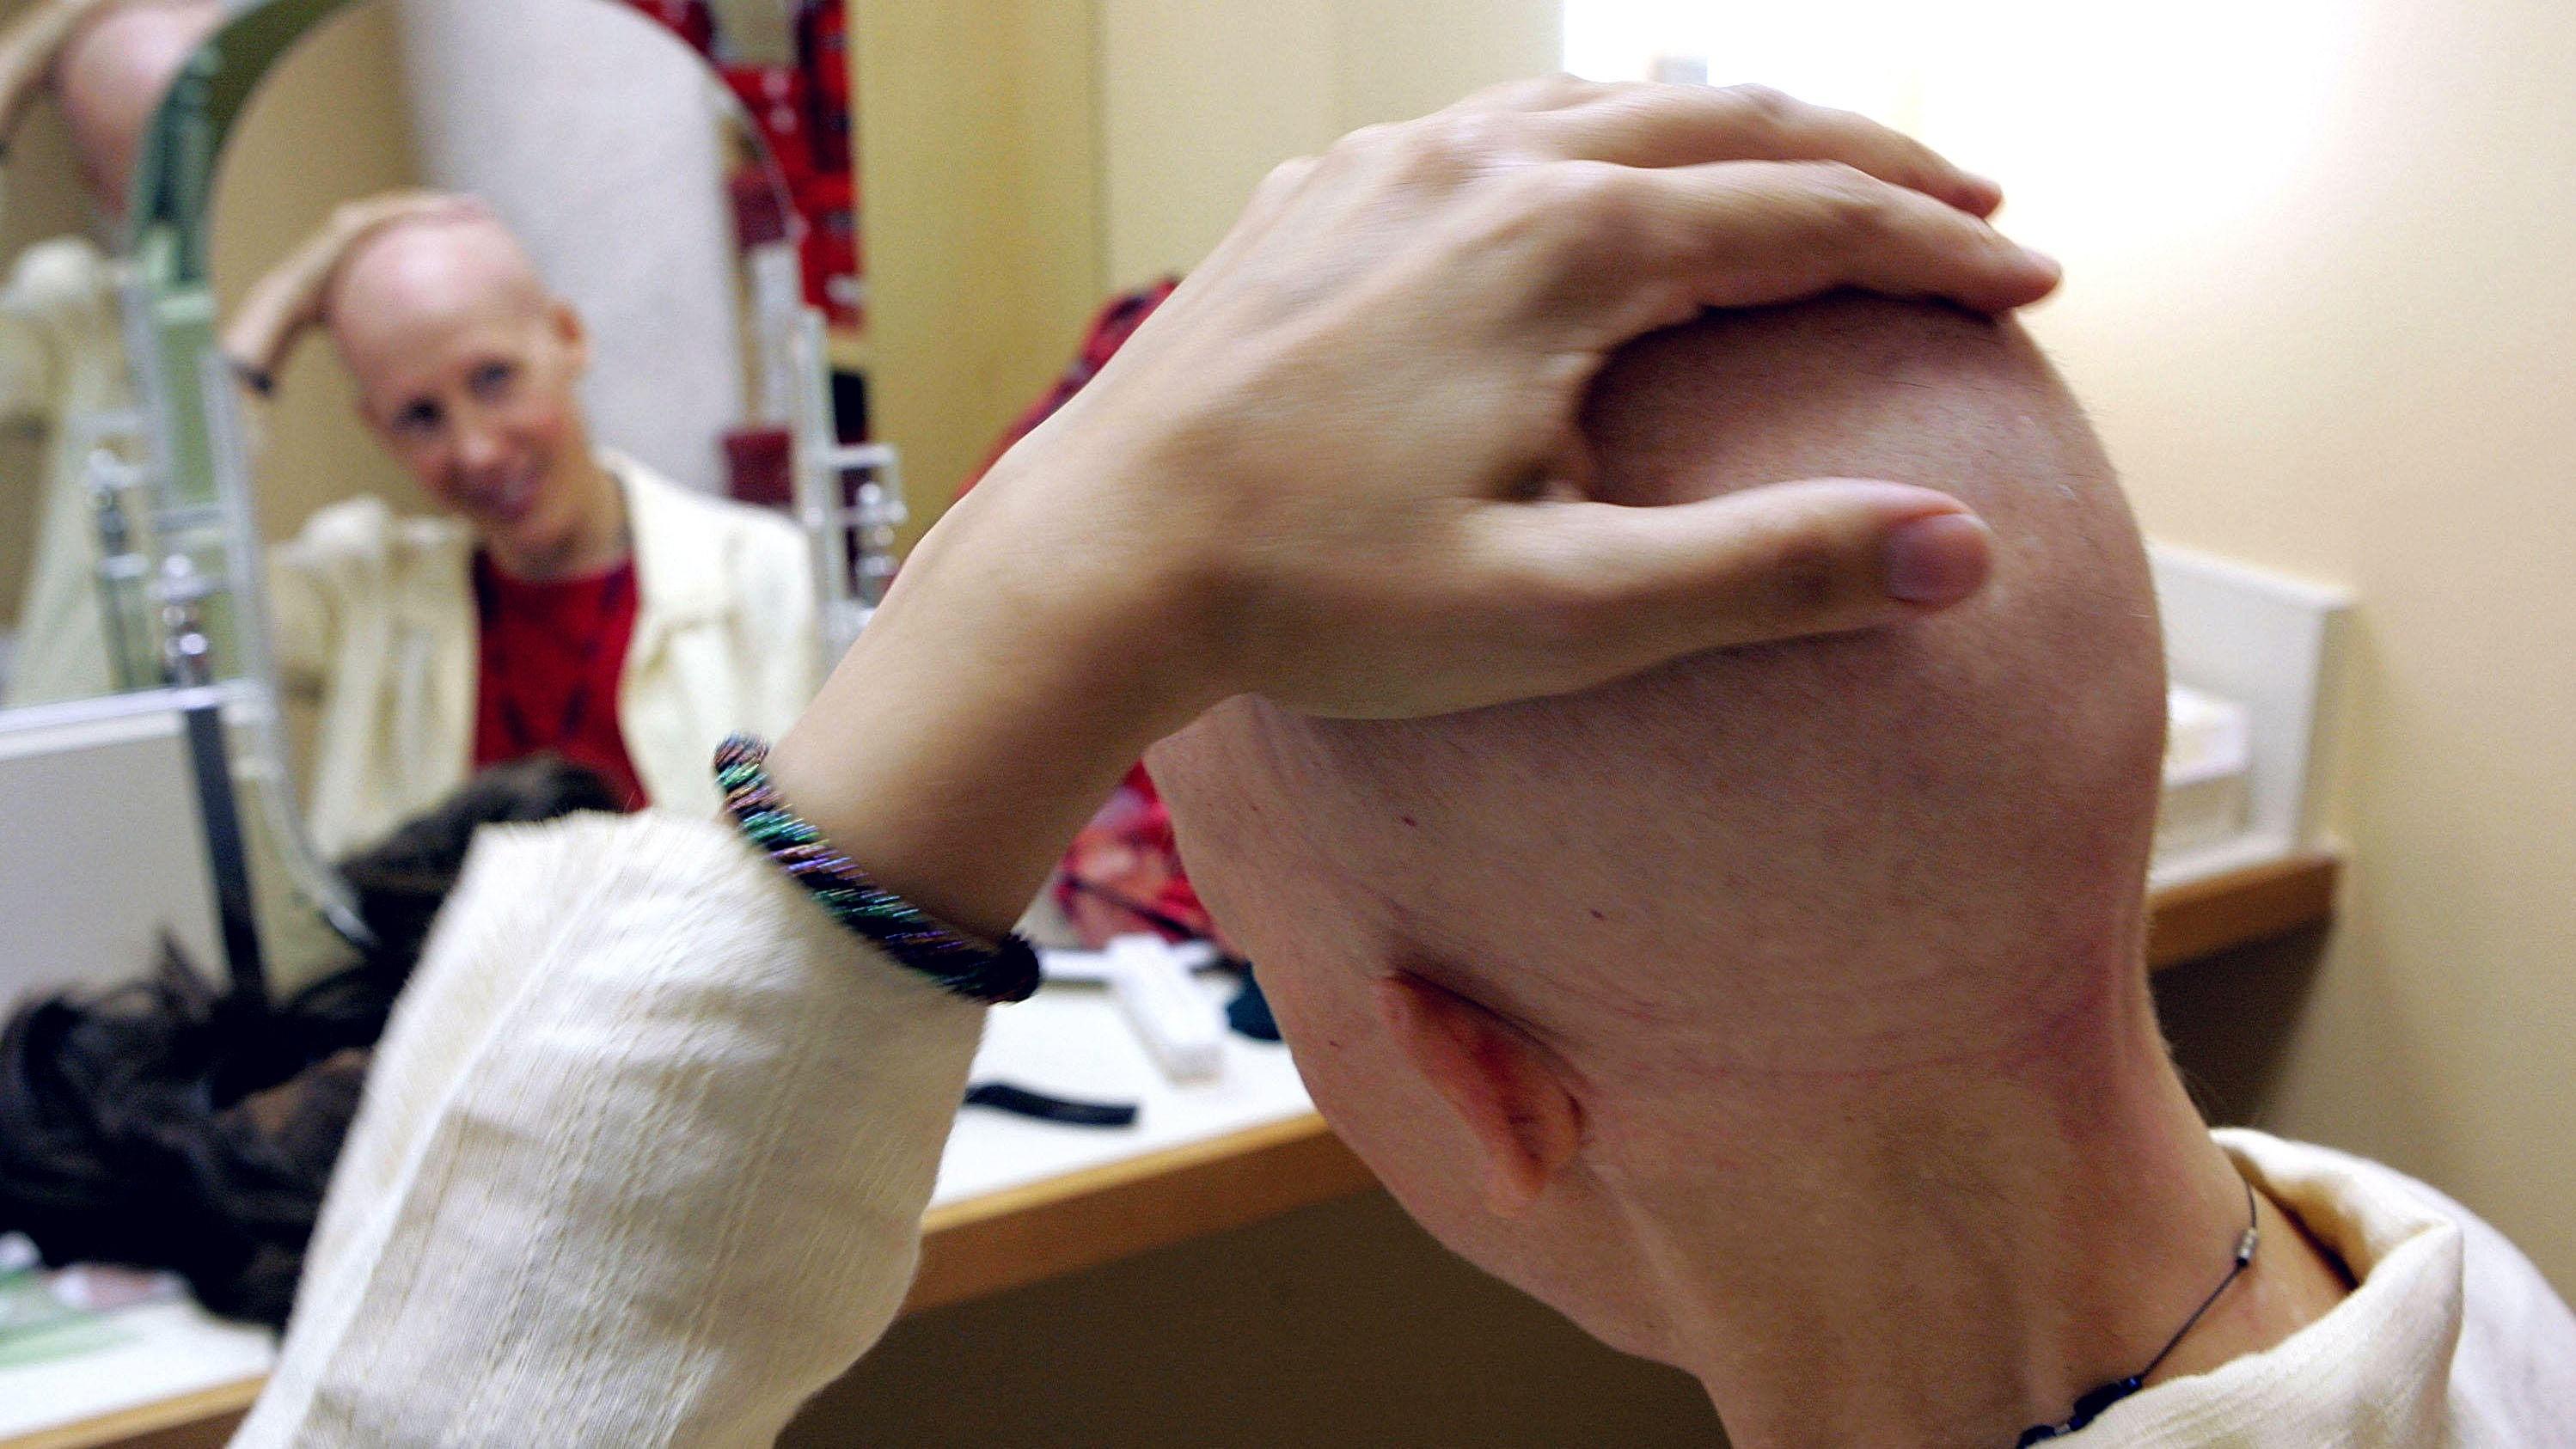 TØFF BEHANDLING: Hvert år får rundt 700 unge mennesker mellom 15 og 35 år kreft i Norge. Behandlingene for kreft er tøff, skriver Landsforeningen uventet barnedød.